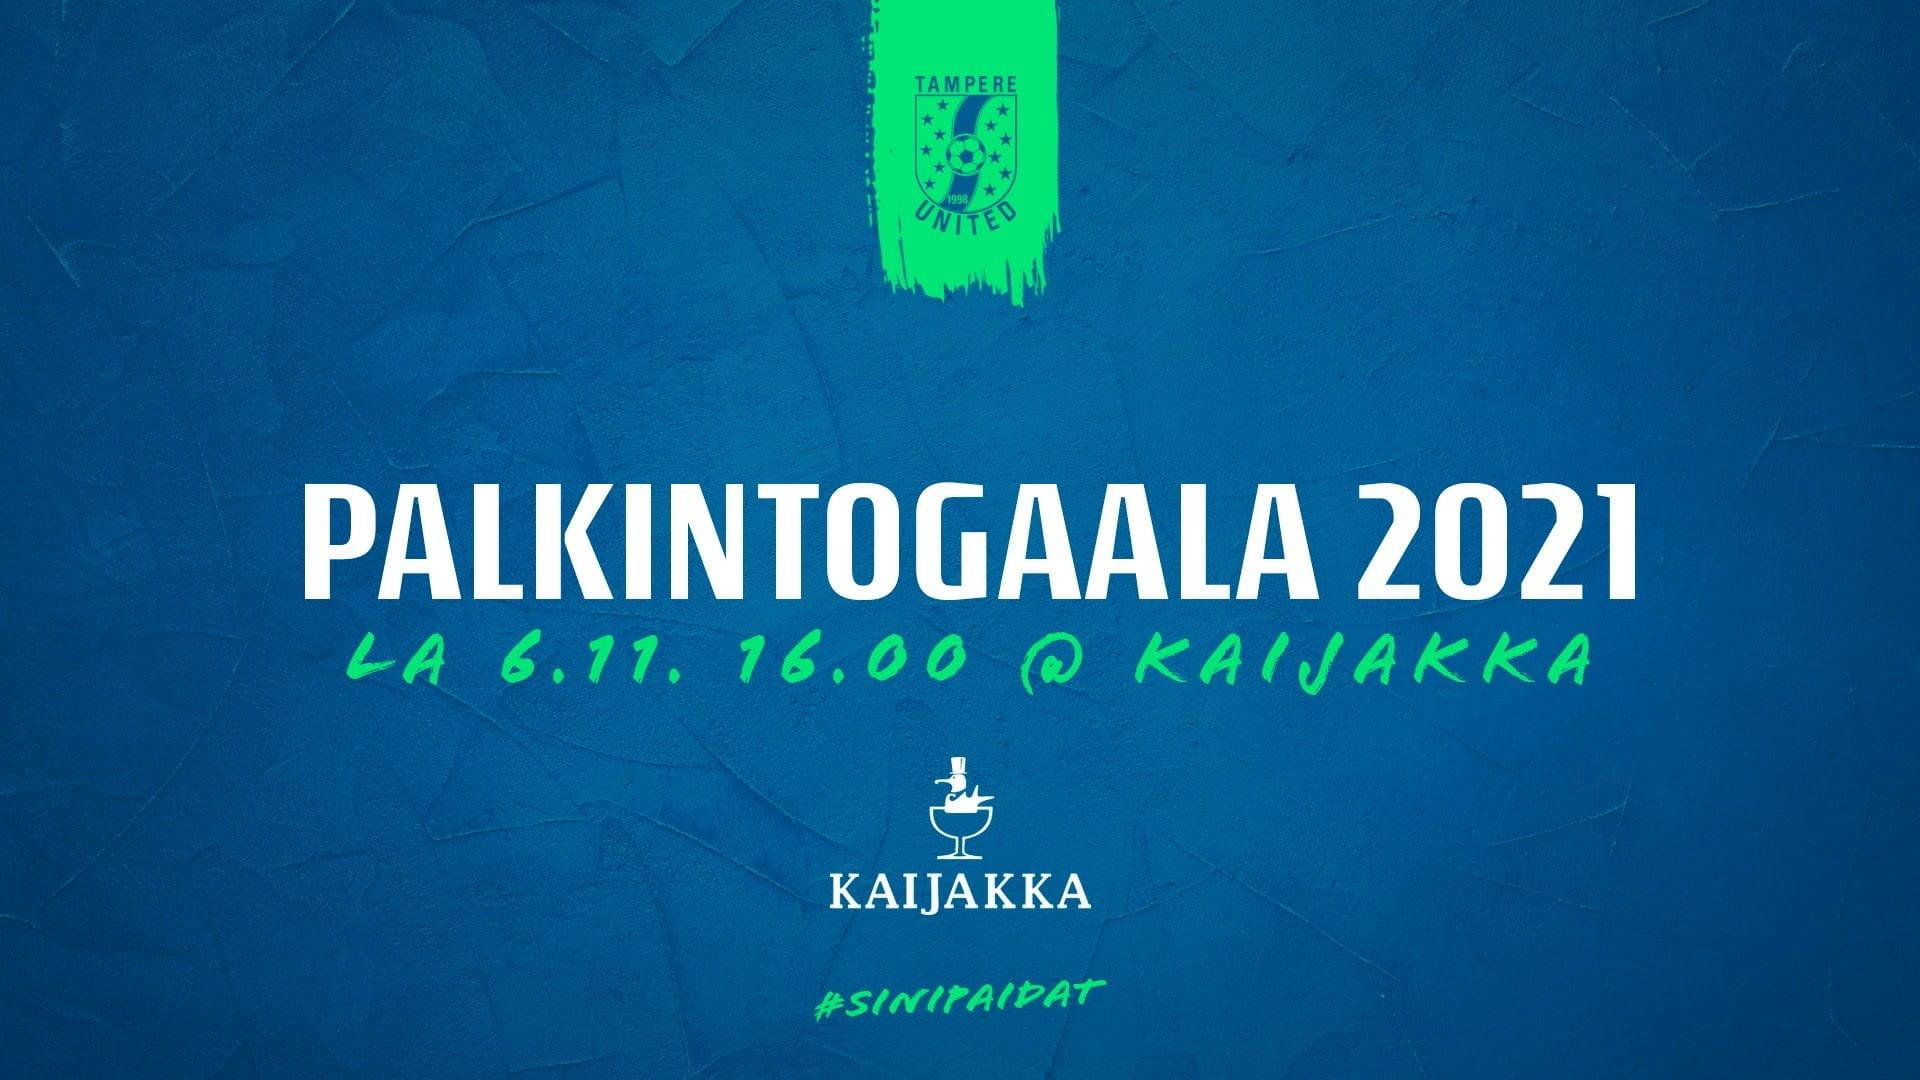 Palkintogaala lauantaina 6.11. – Äänestä kauden paras pelaaja -uutiskuva